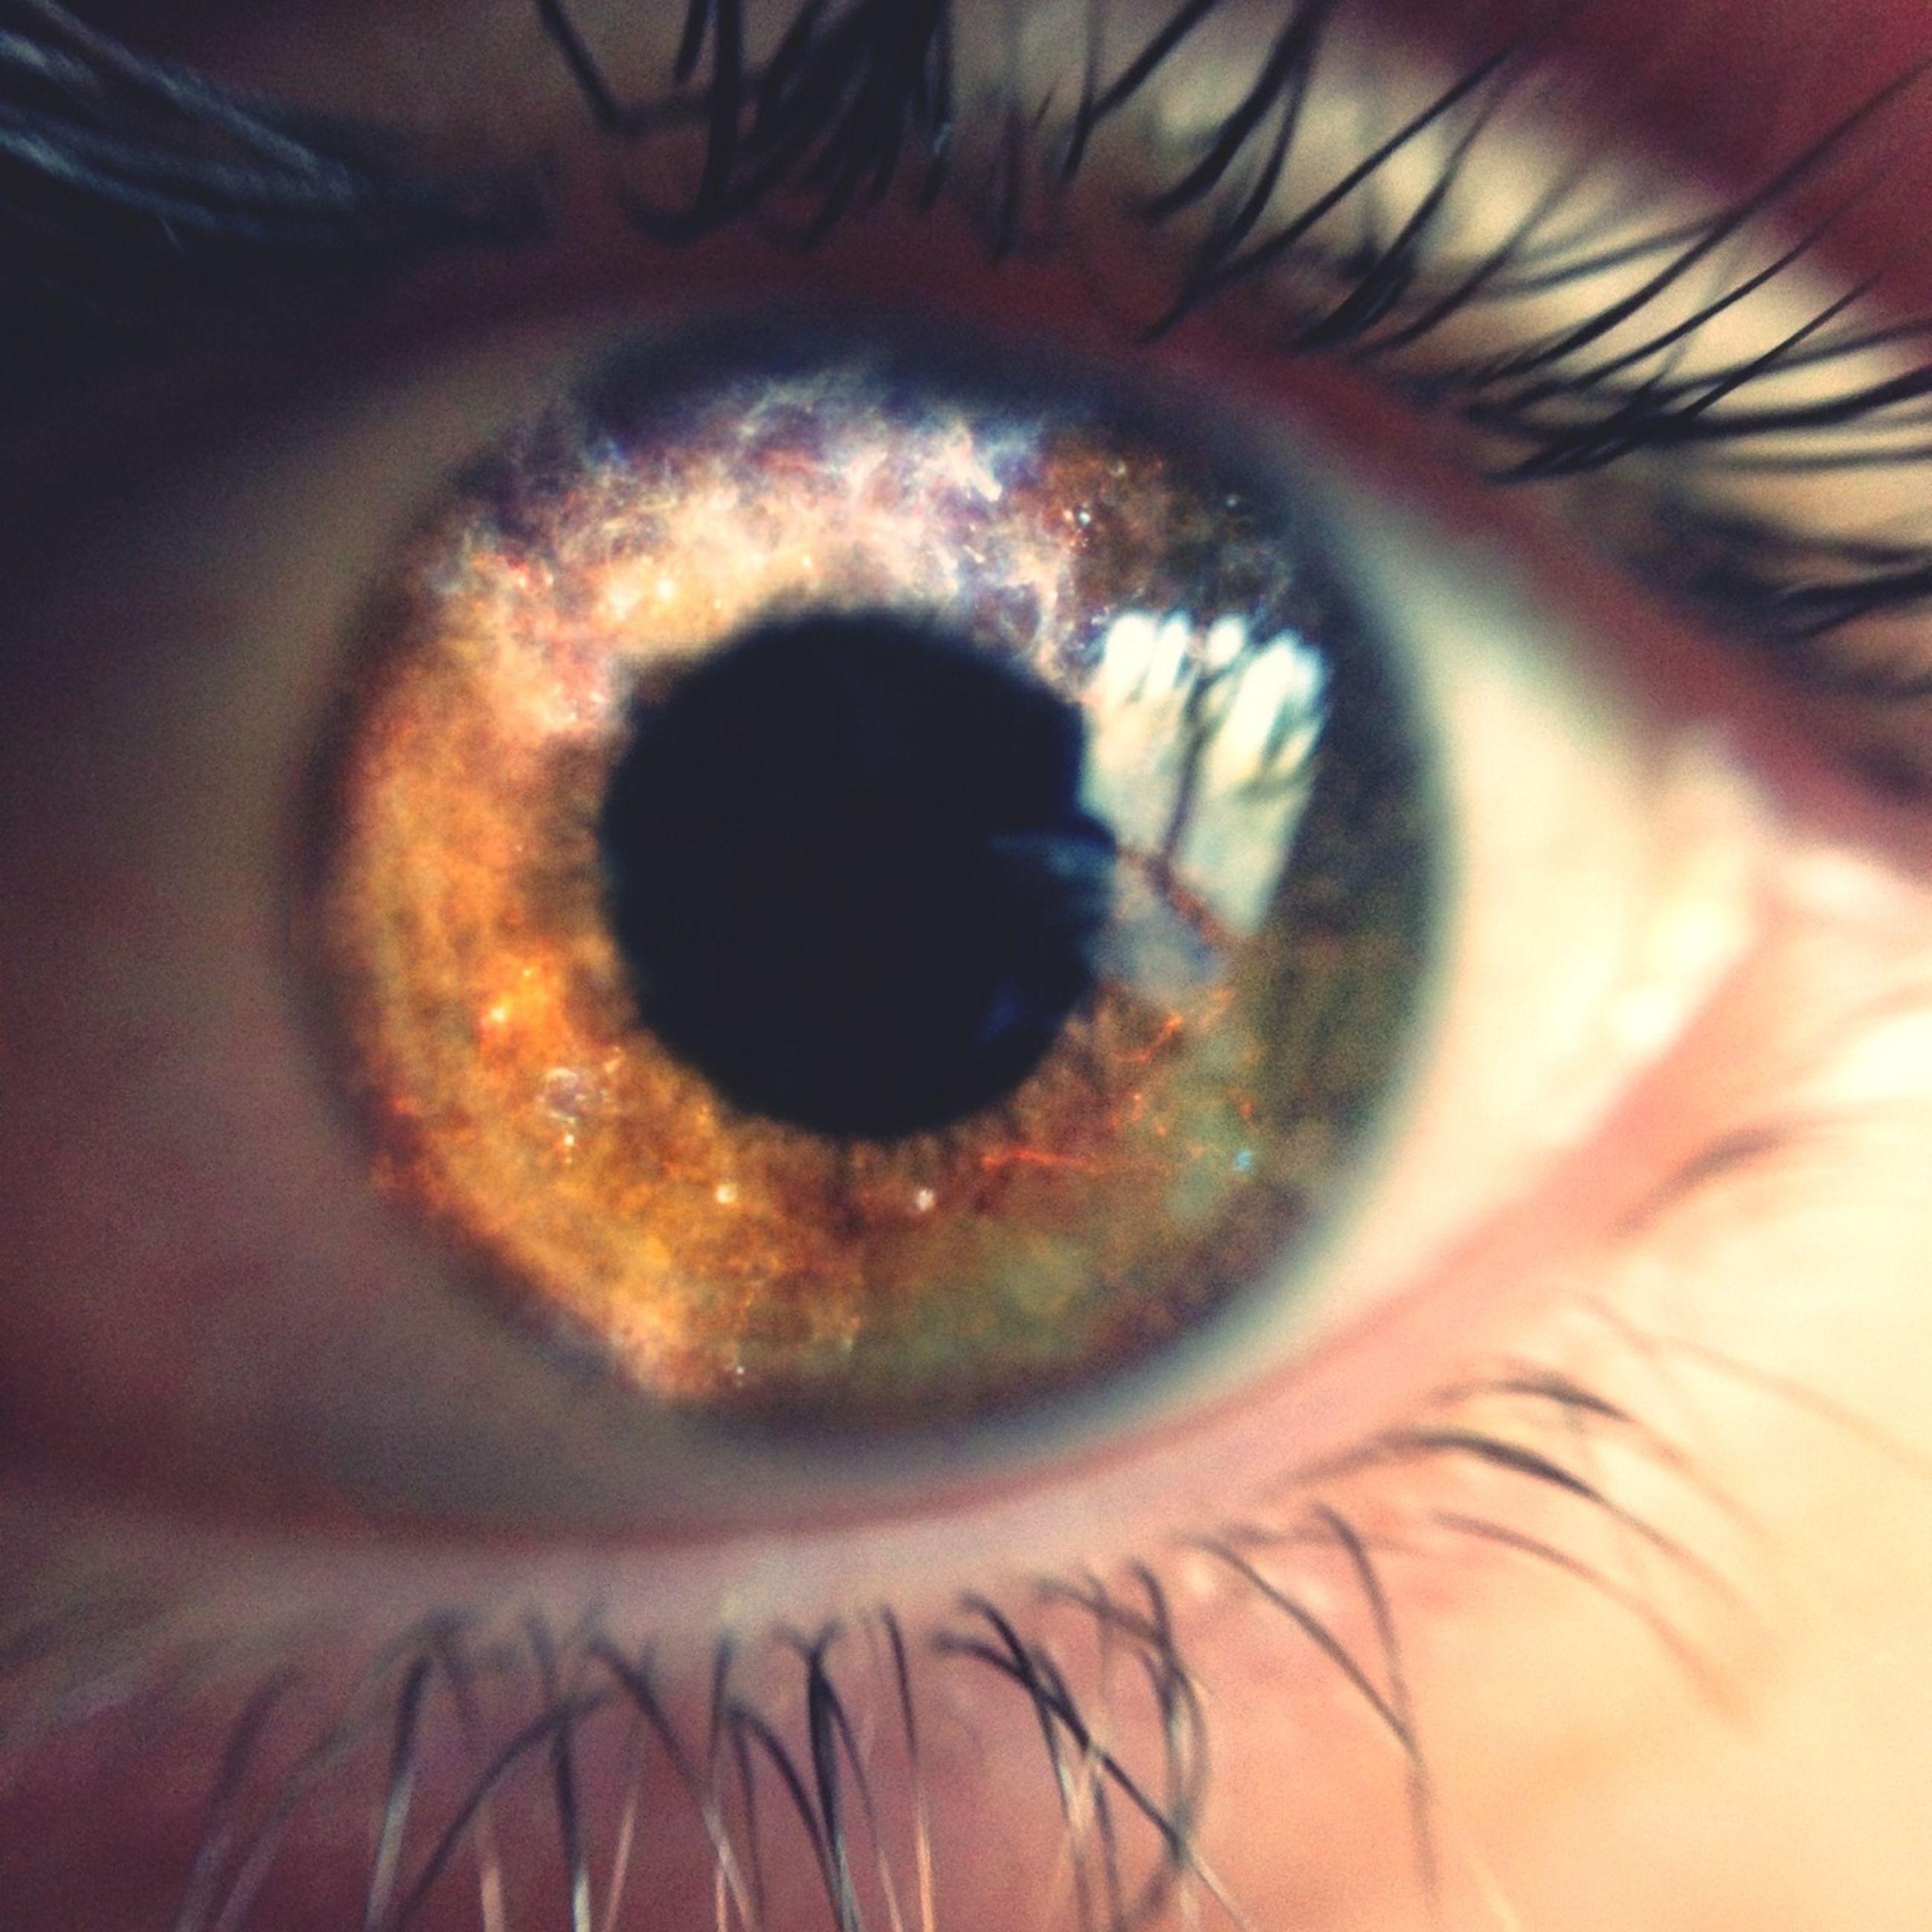 human eye, eyelash, eyesight, close-up, extreme close-up, sensory perception, eyeball, iris - eye, part of, indoors, extreme close up, full frame, human skin, person, unrecognizable person, backgrounds, eyebrow